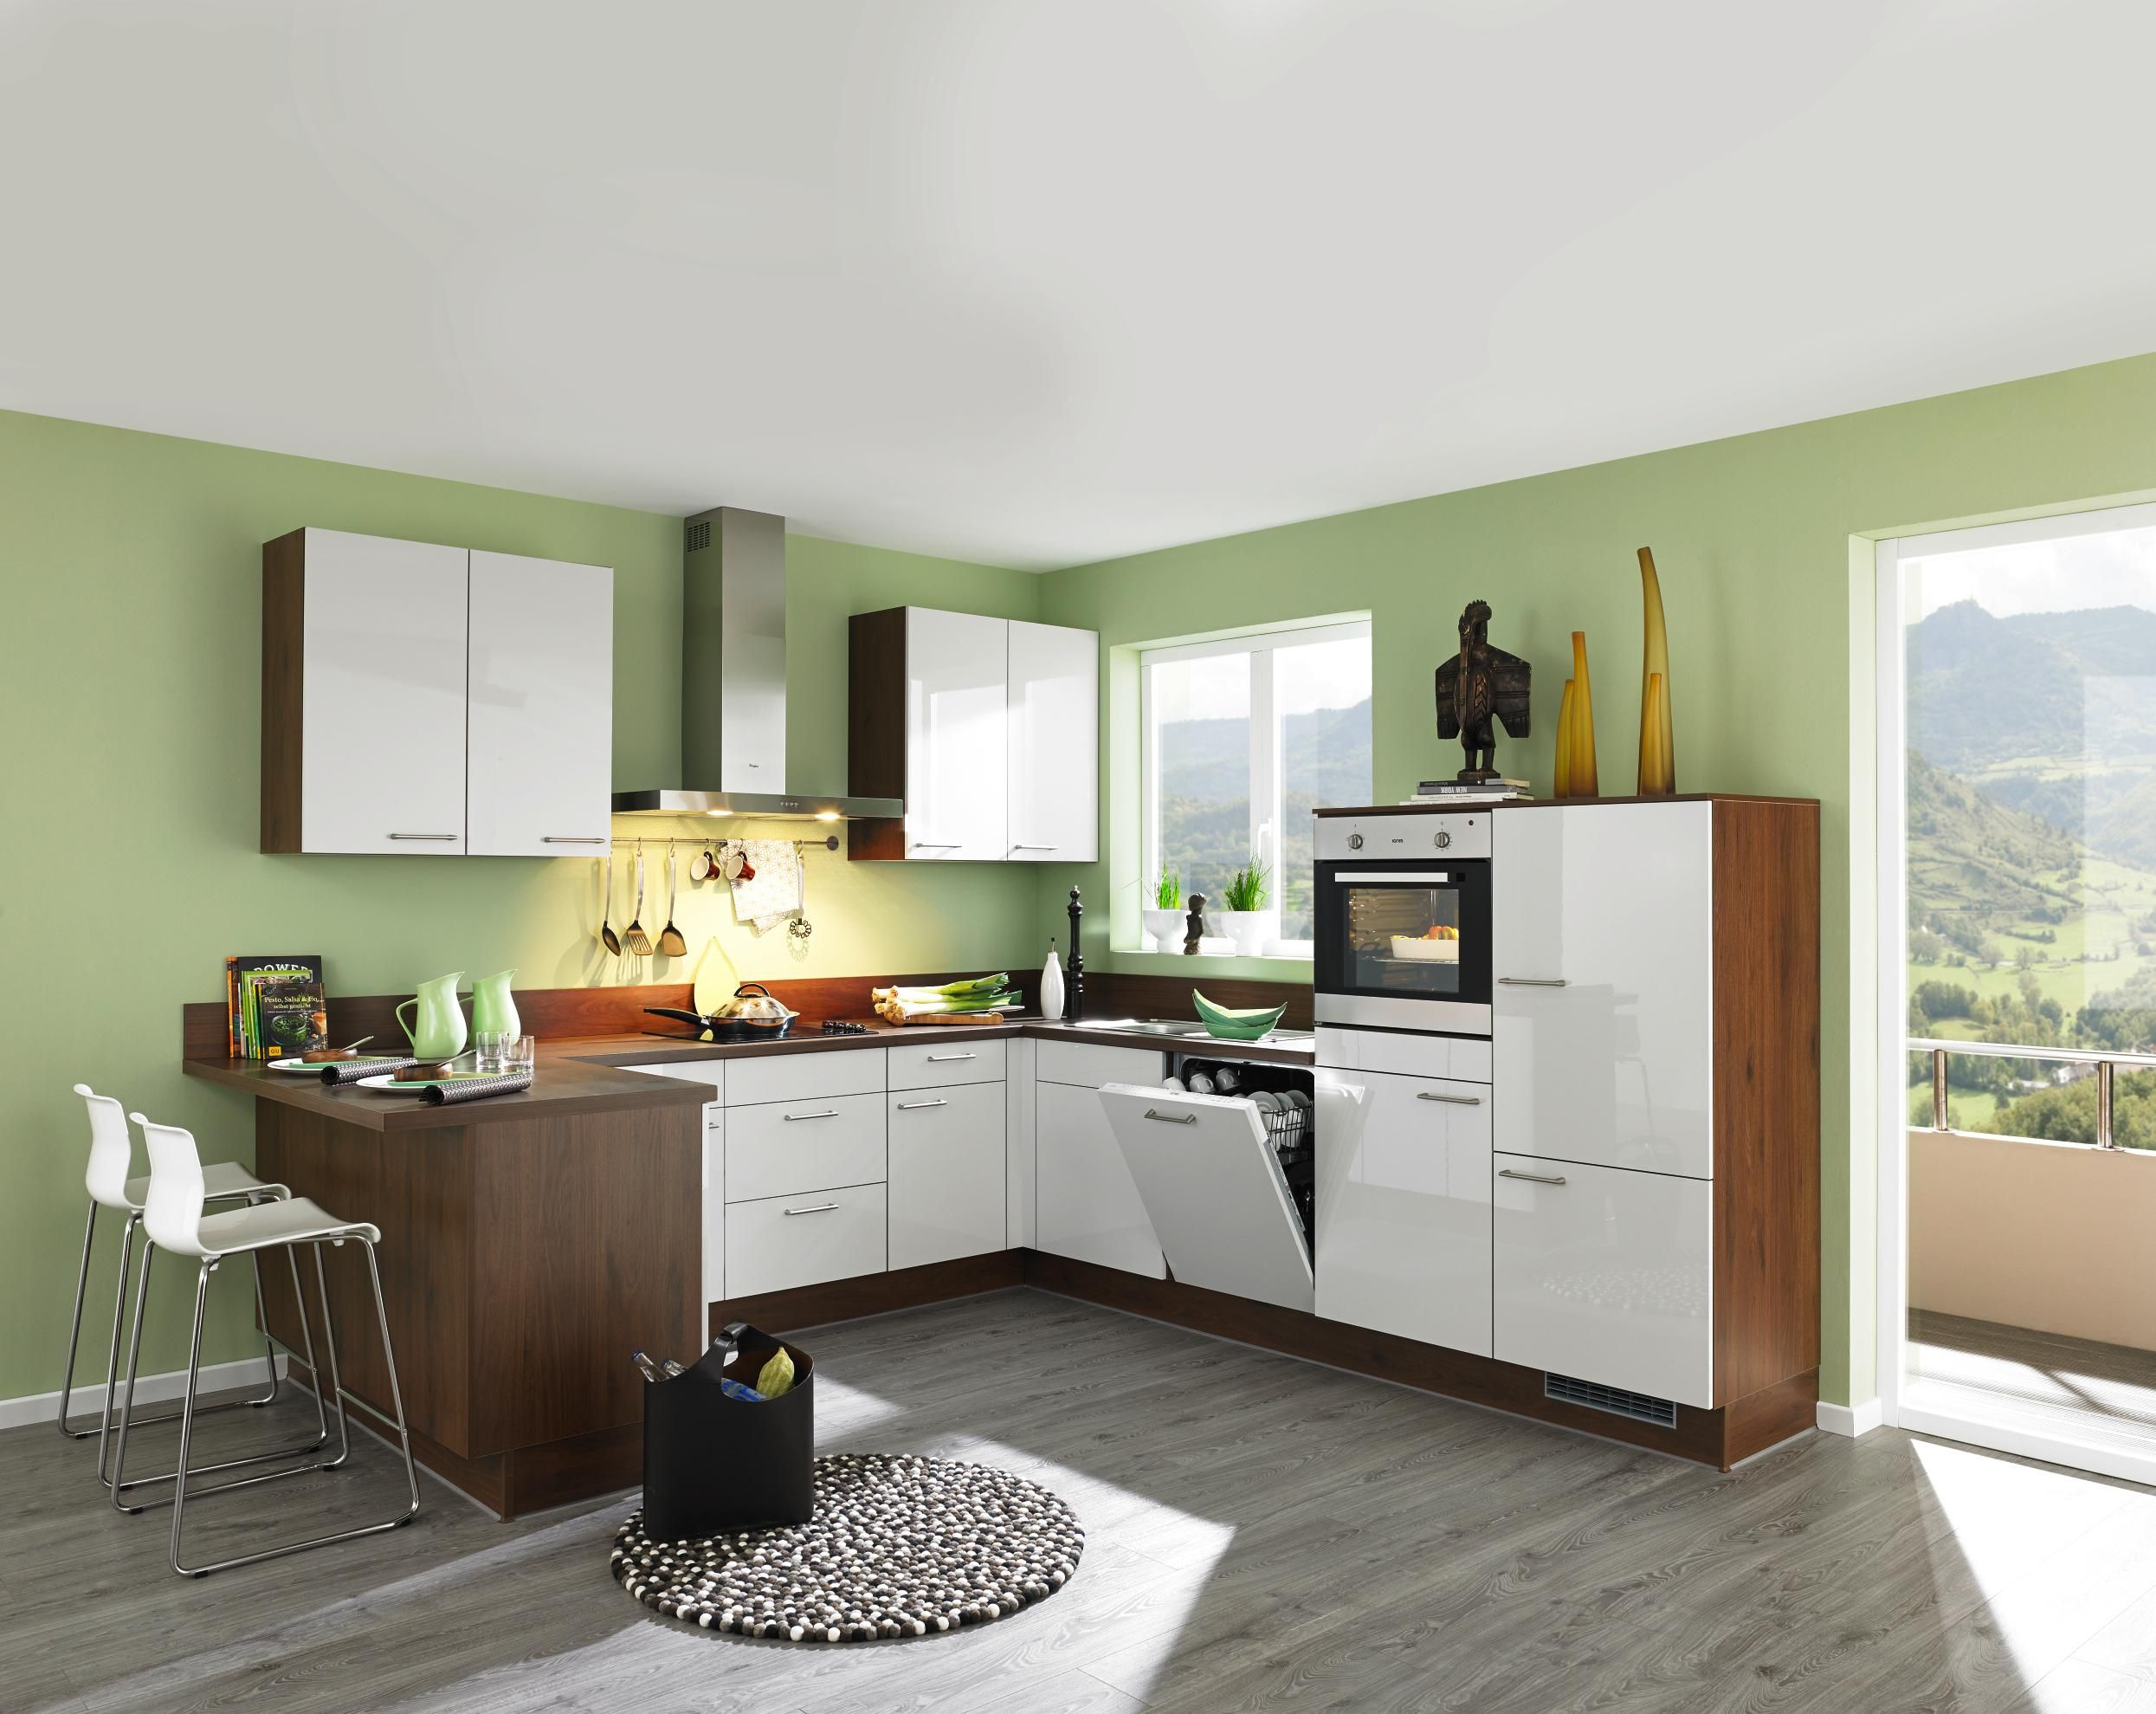 wohnliche eckküche für begeisterte hobbyköche - elektrogeräte